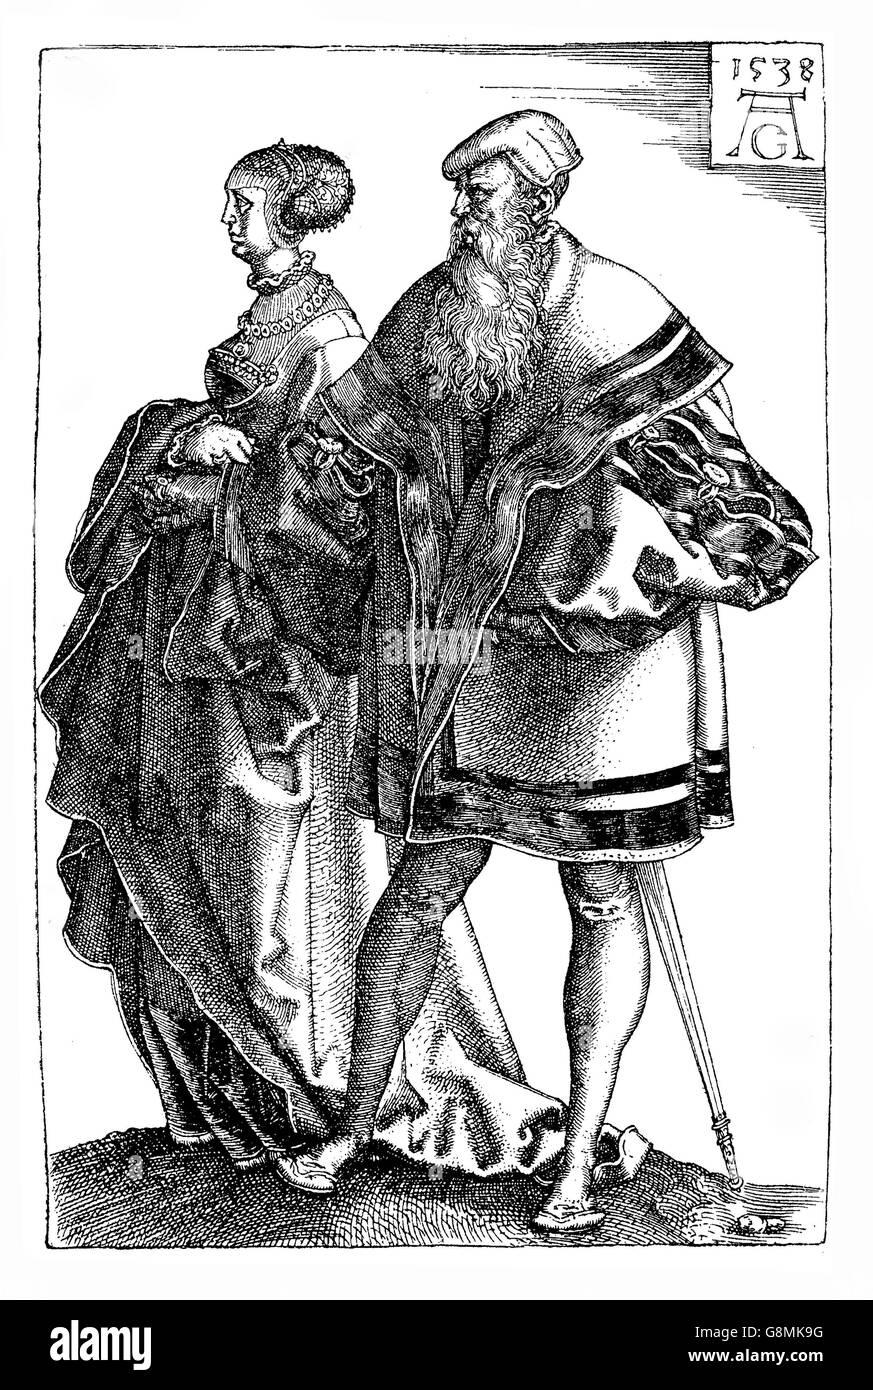 German Renaissance , Heinrich Aldegrever (1502-1555) wedding dancers, engraving - Stock Image